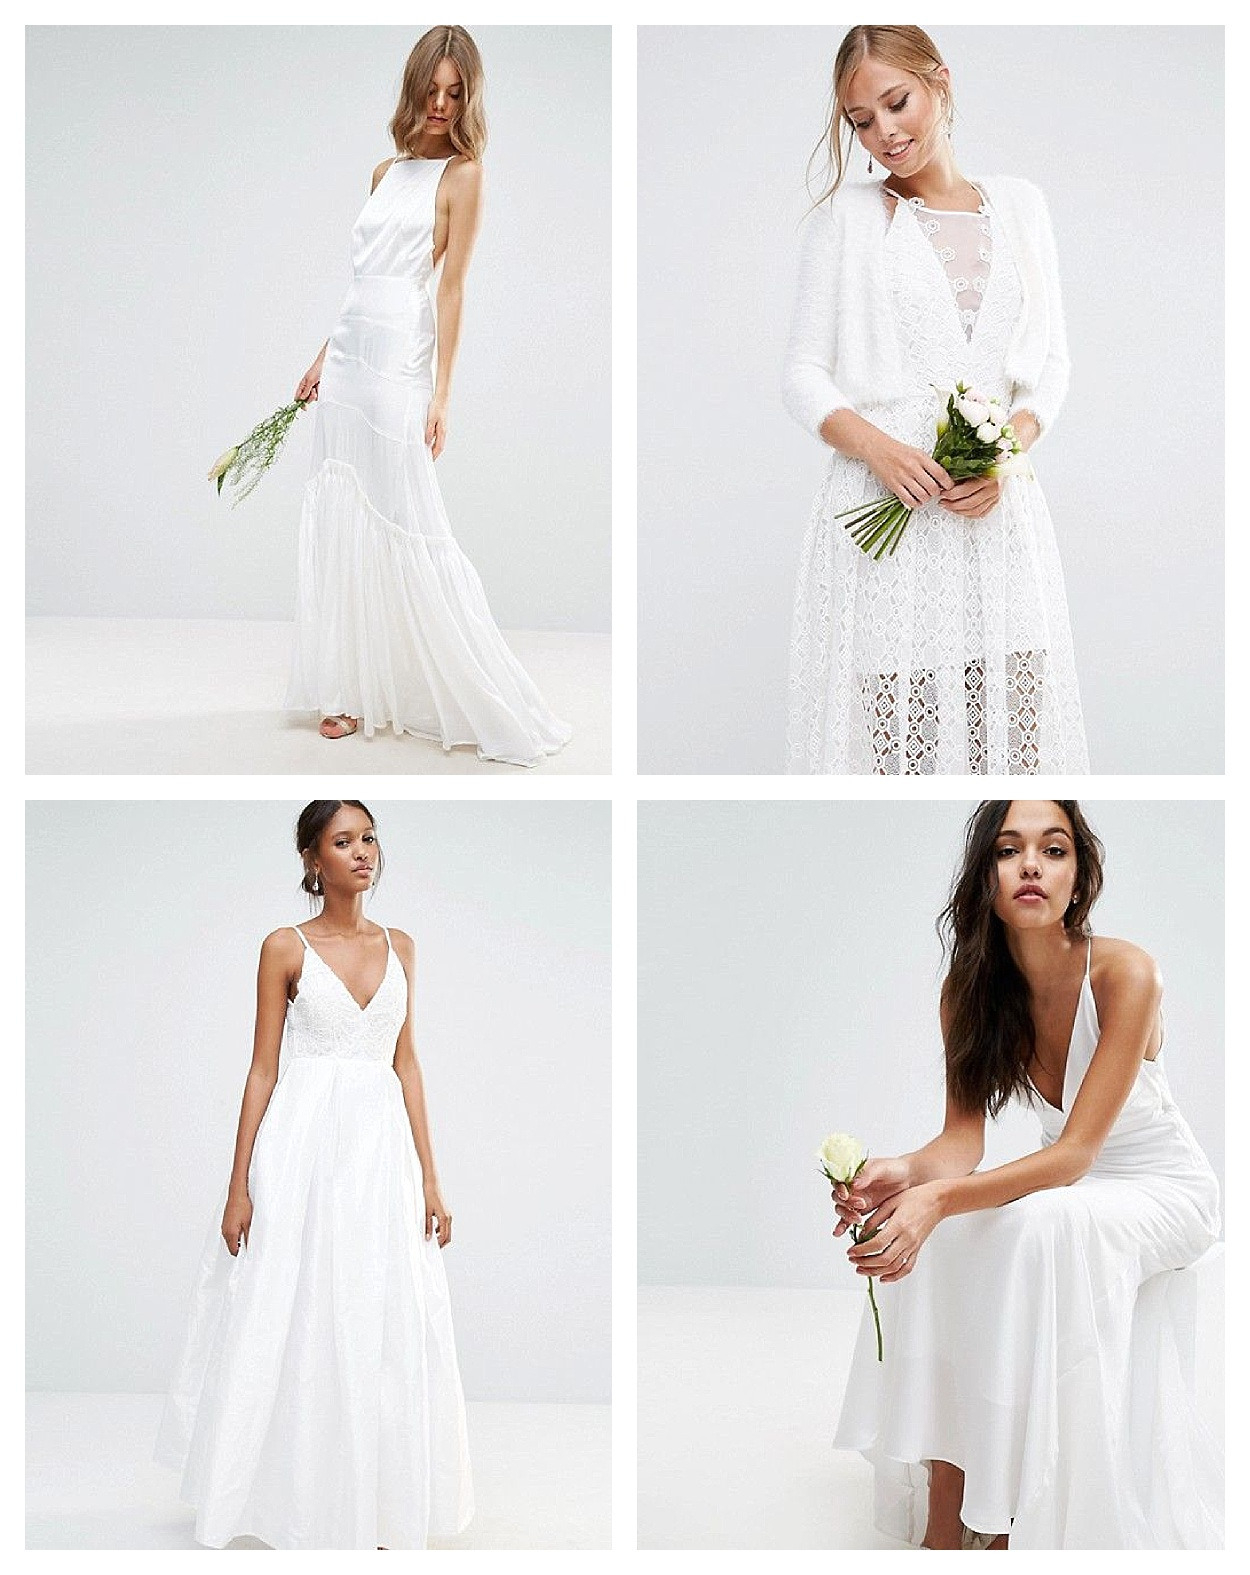 Coole Brautkleider Für Das Standesamt Oder Boho Hochzeit